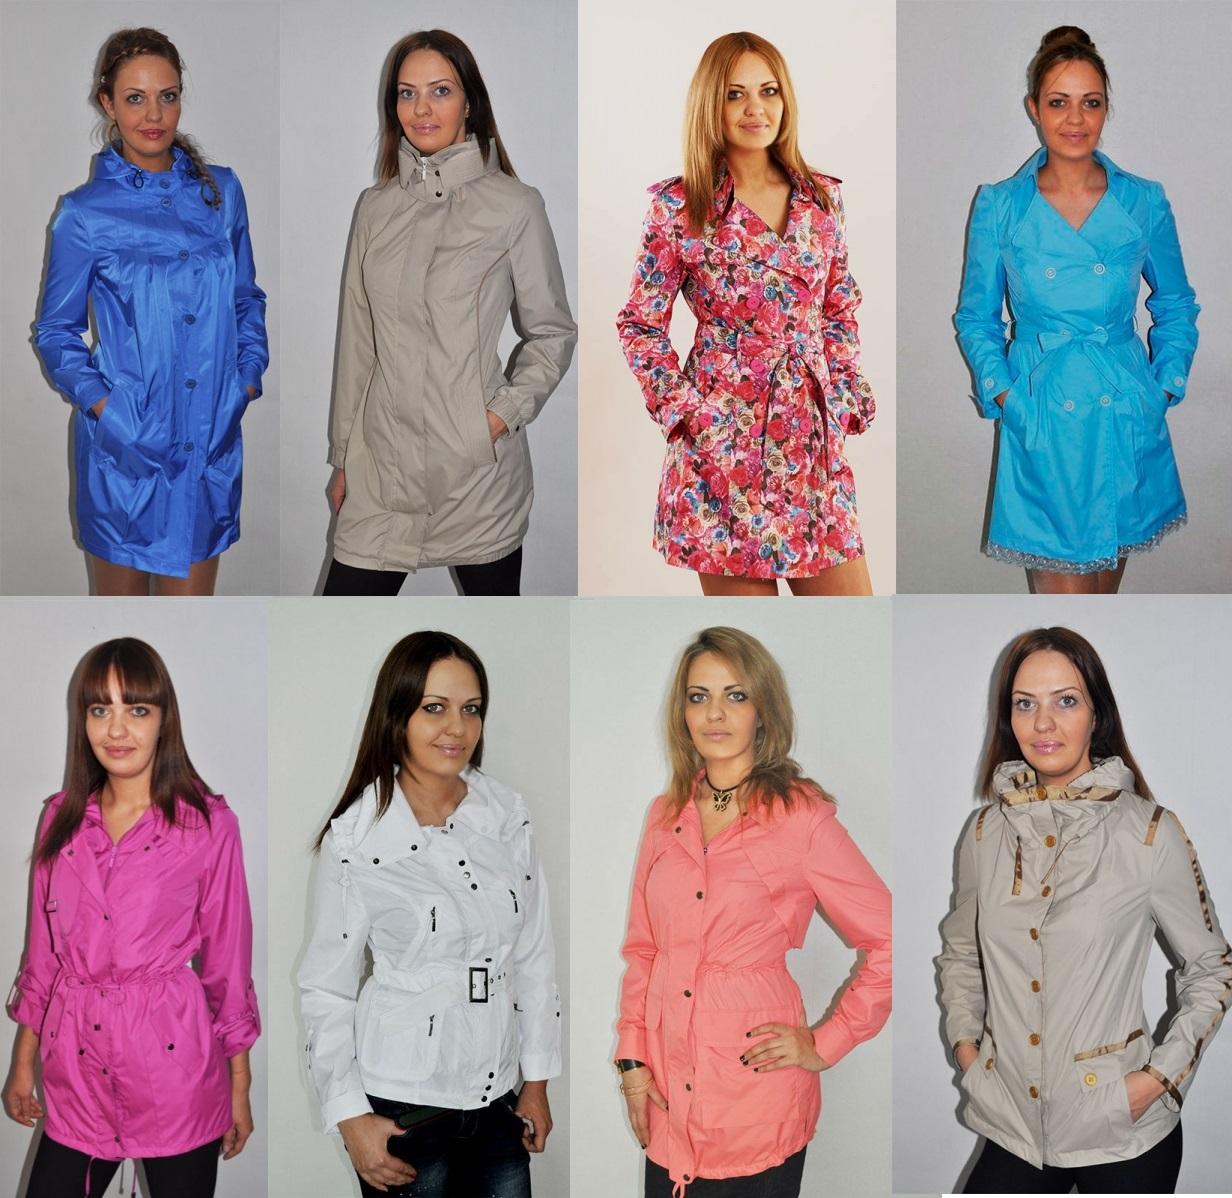 Marи-Nикa - верхняя одежда для современной, уверенной в себе, стильной женщины - 15. Распродажа прошлых сезонов! Без рядов!